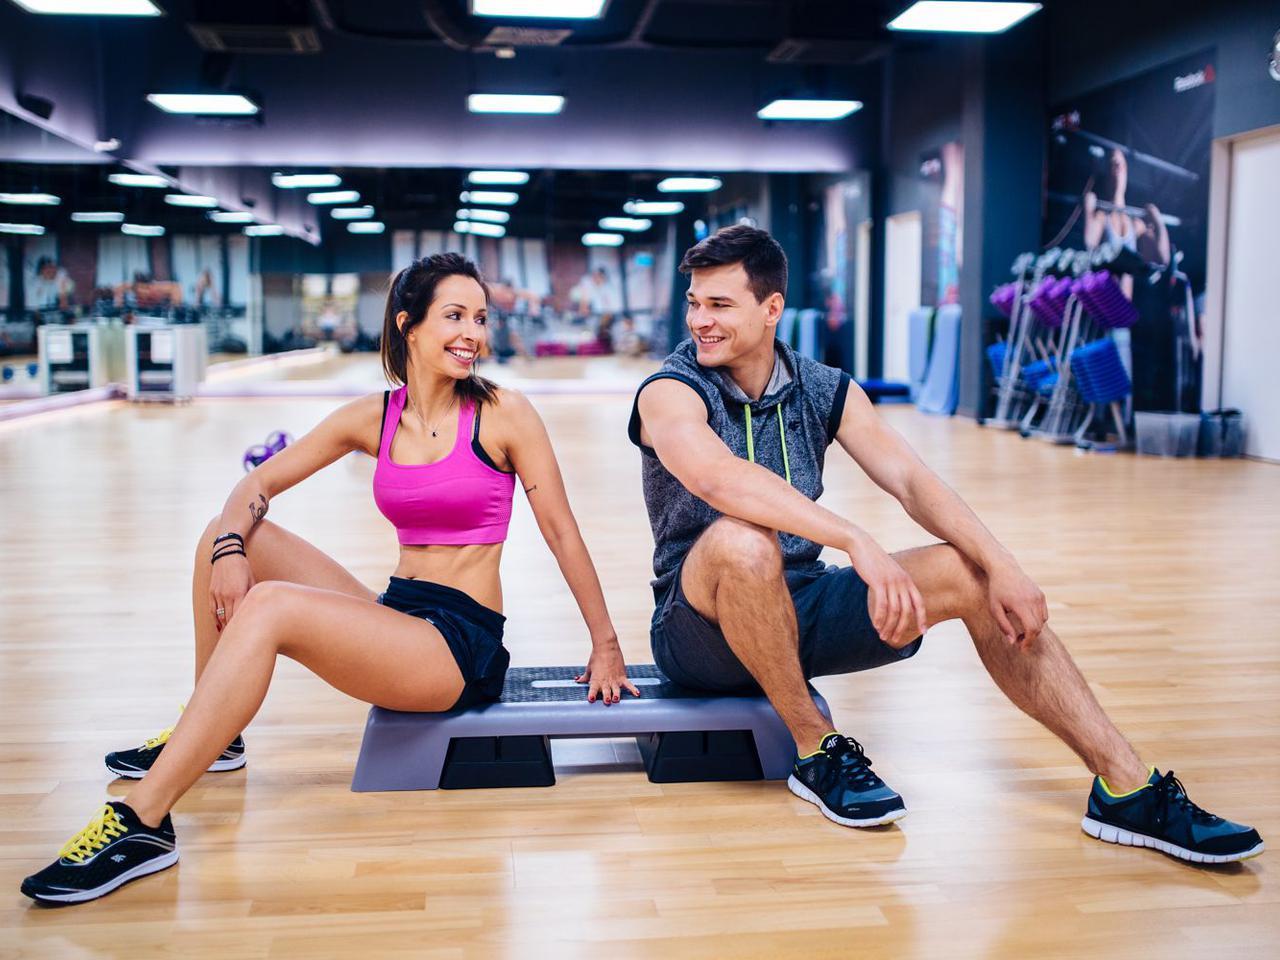 Trening ogólnorozwojowy - jak ćwiczyć w domu? To tylko 30 minut.